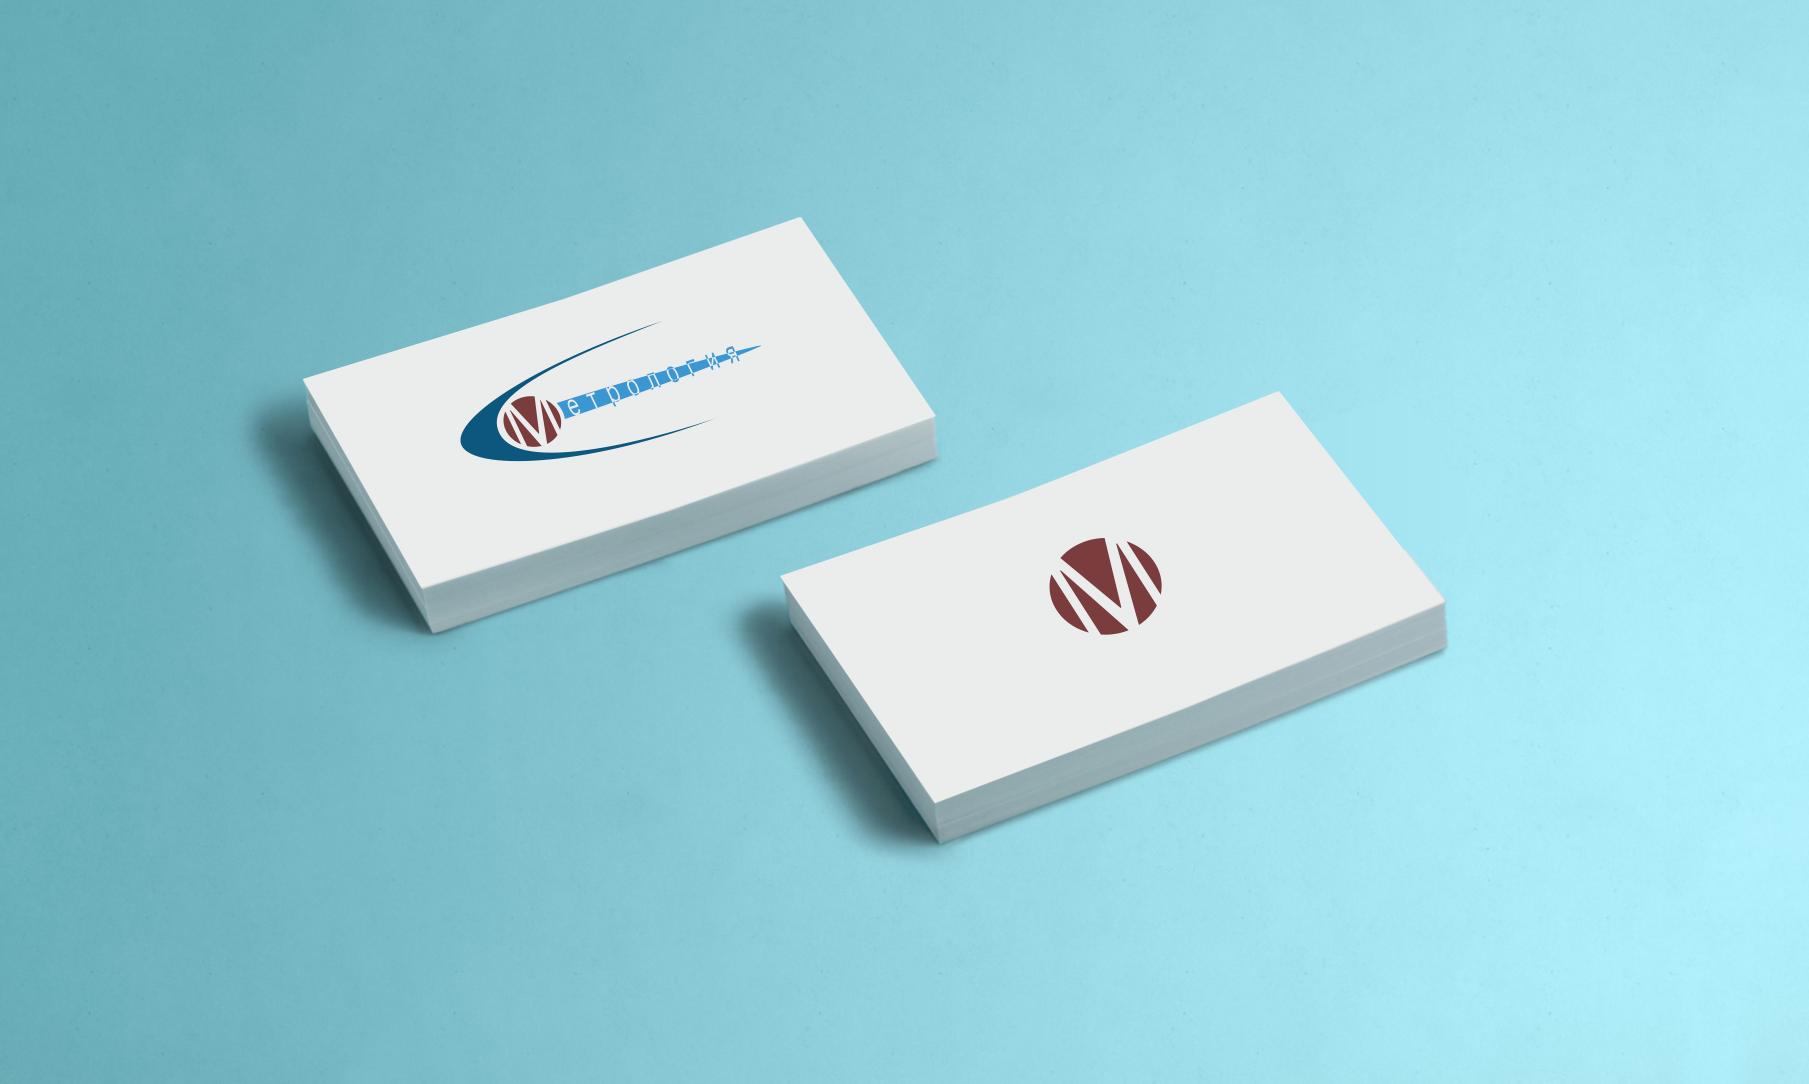 Разработать логотип, визитку, фирменный бланк. фото f_05558fc5fbcbf66b.png